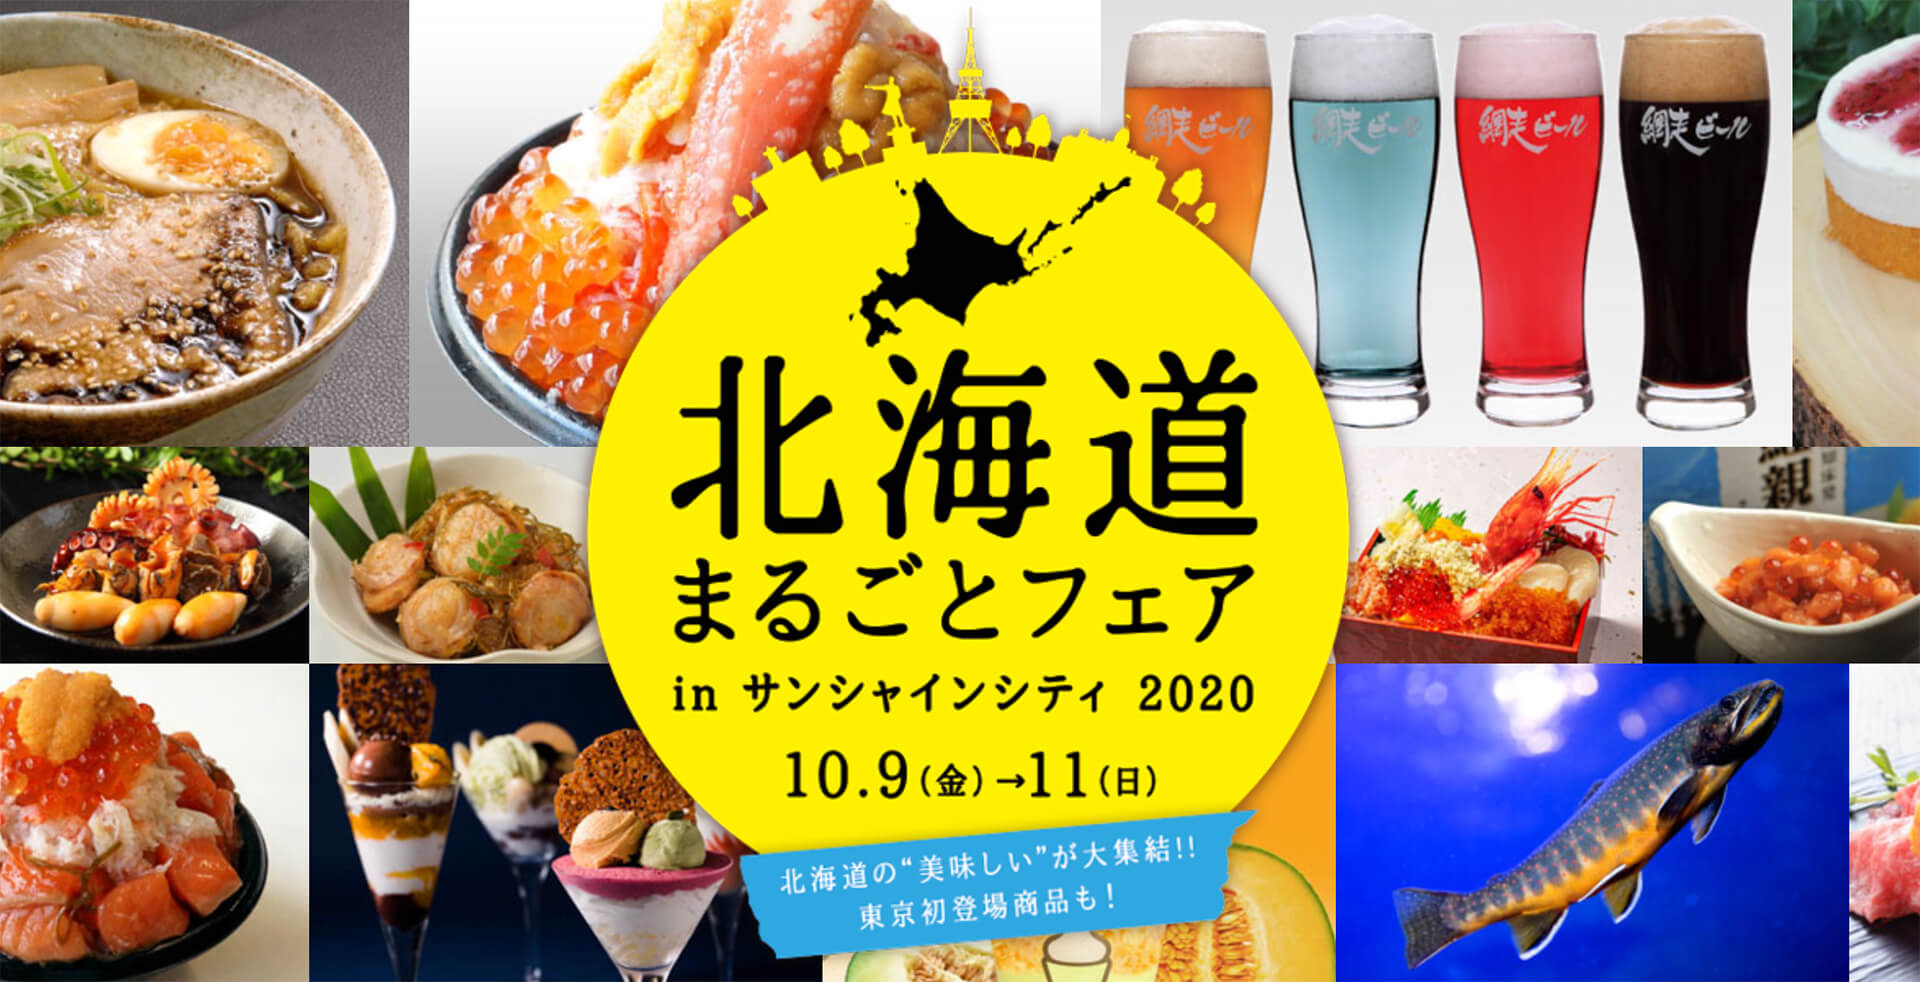 北海道まるごとフェアinサンシャインシティ2020